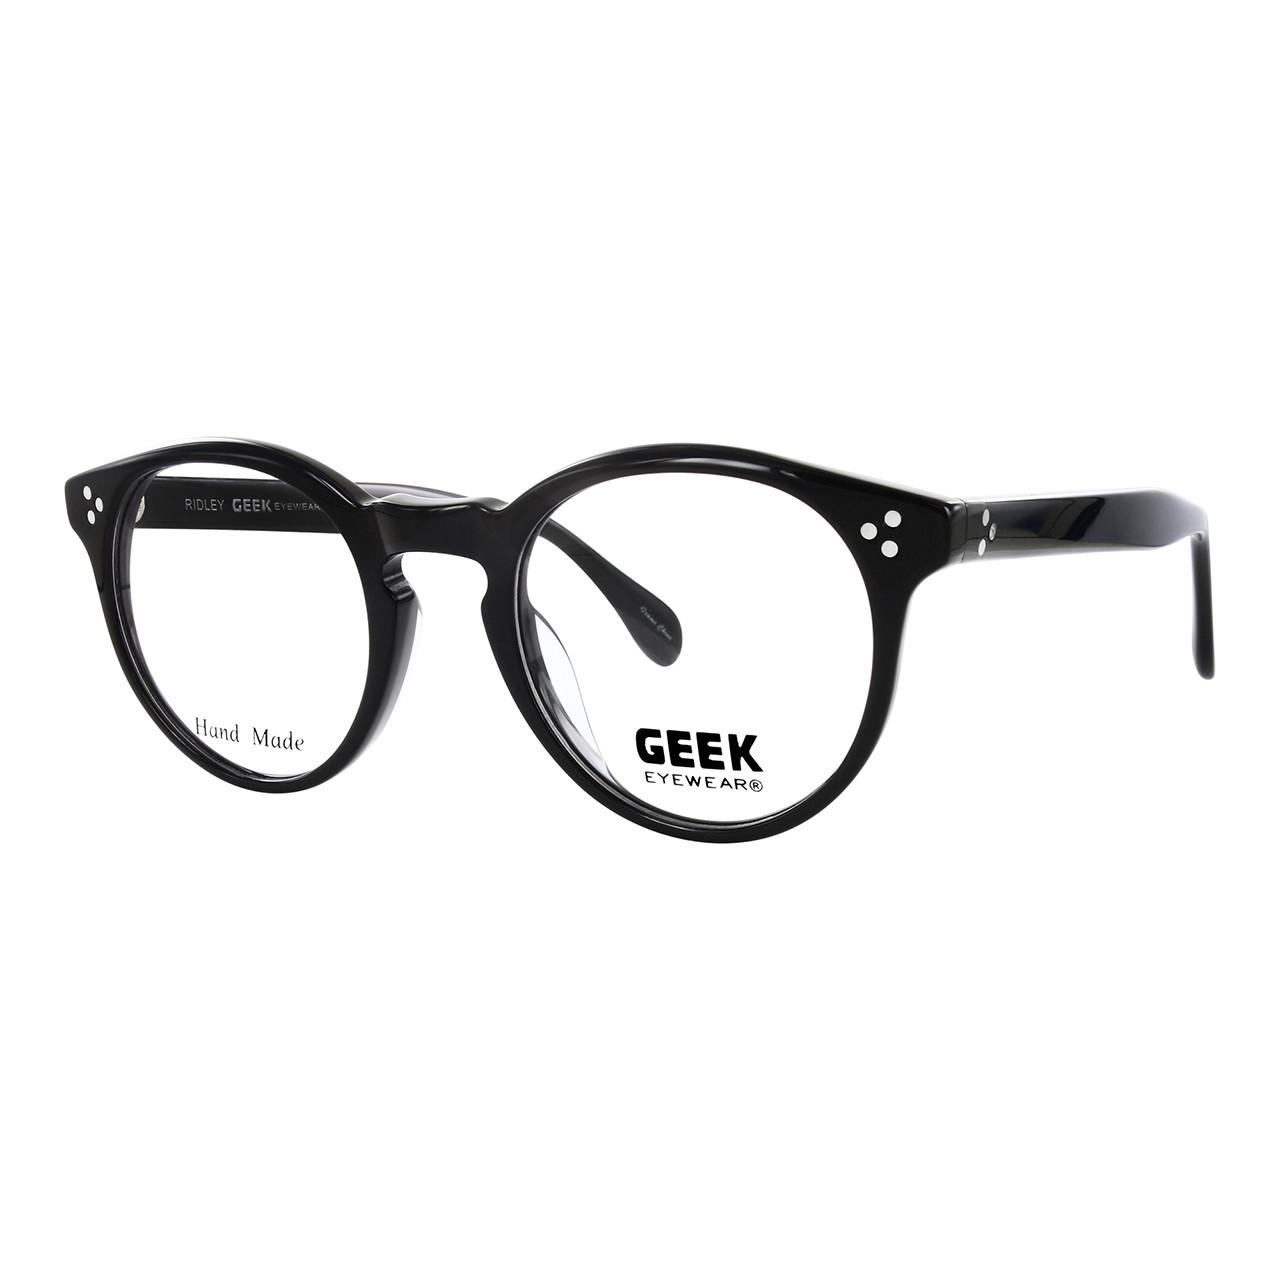 GEEK Eyewear GEEK RIDLEY